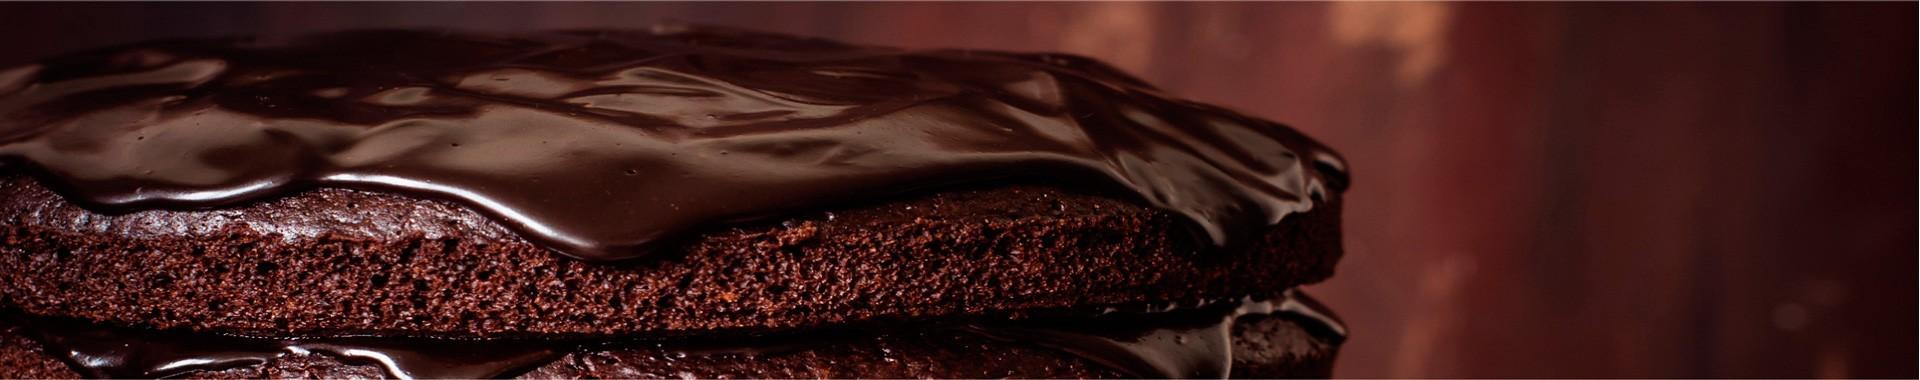 Lasaña de chocolate y menta